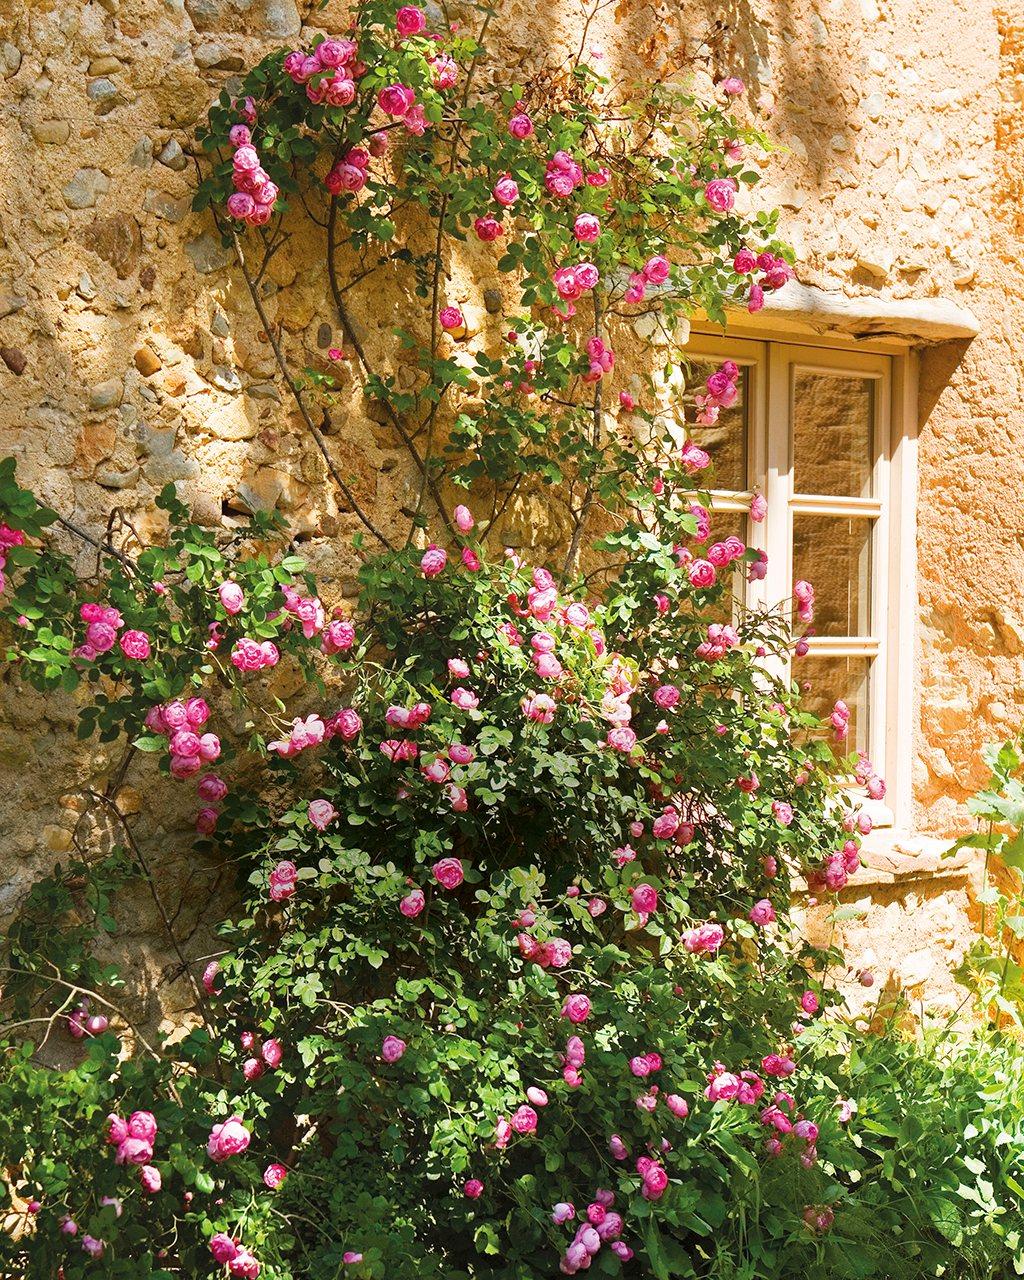 Entre vino y rosas el jard n de la alegr a for Fachadas con plantas trepadoras